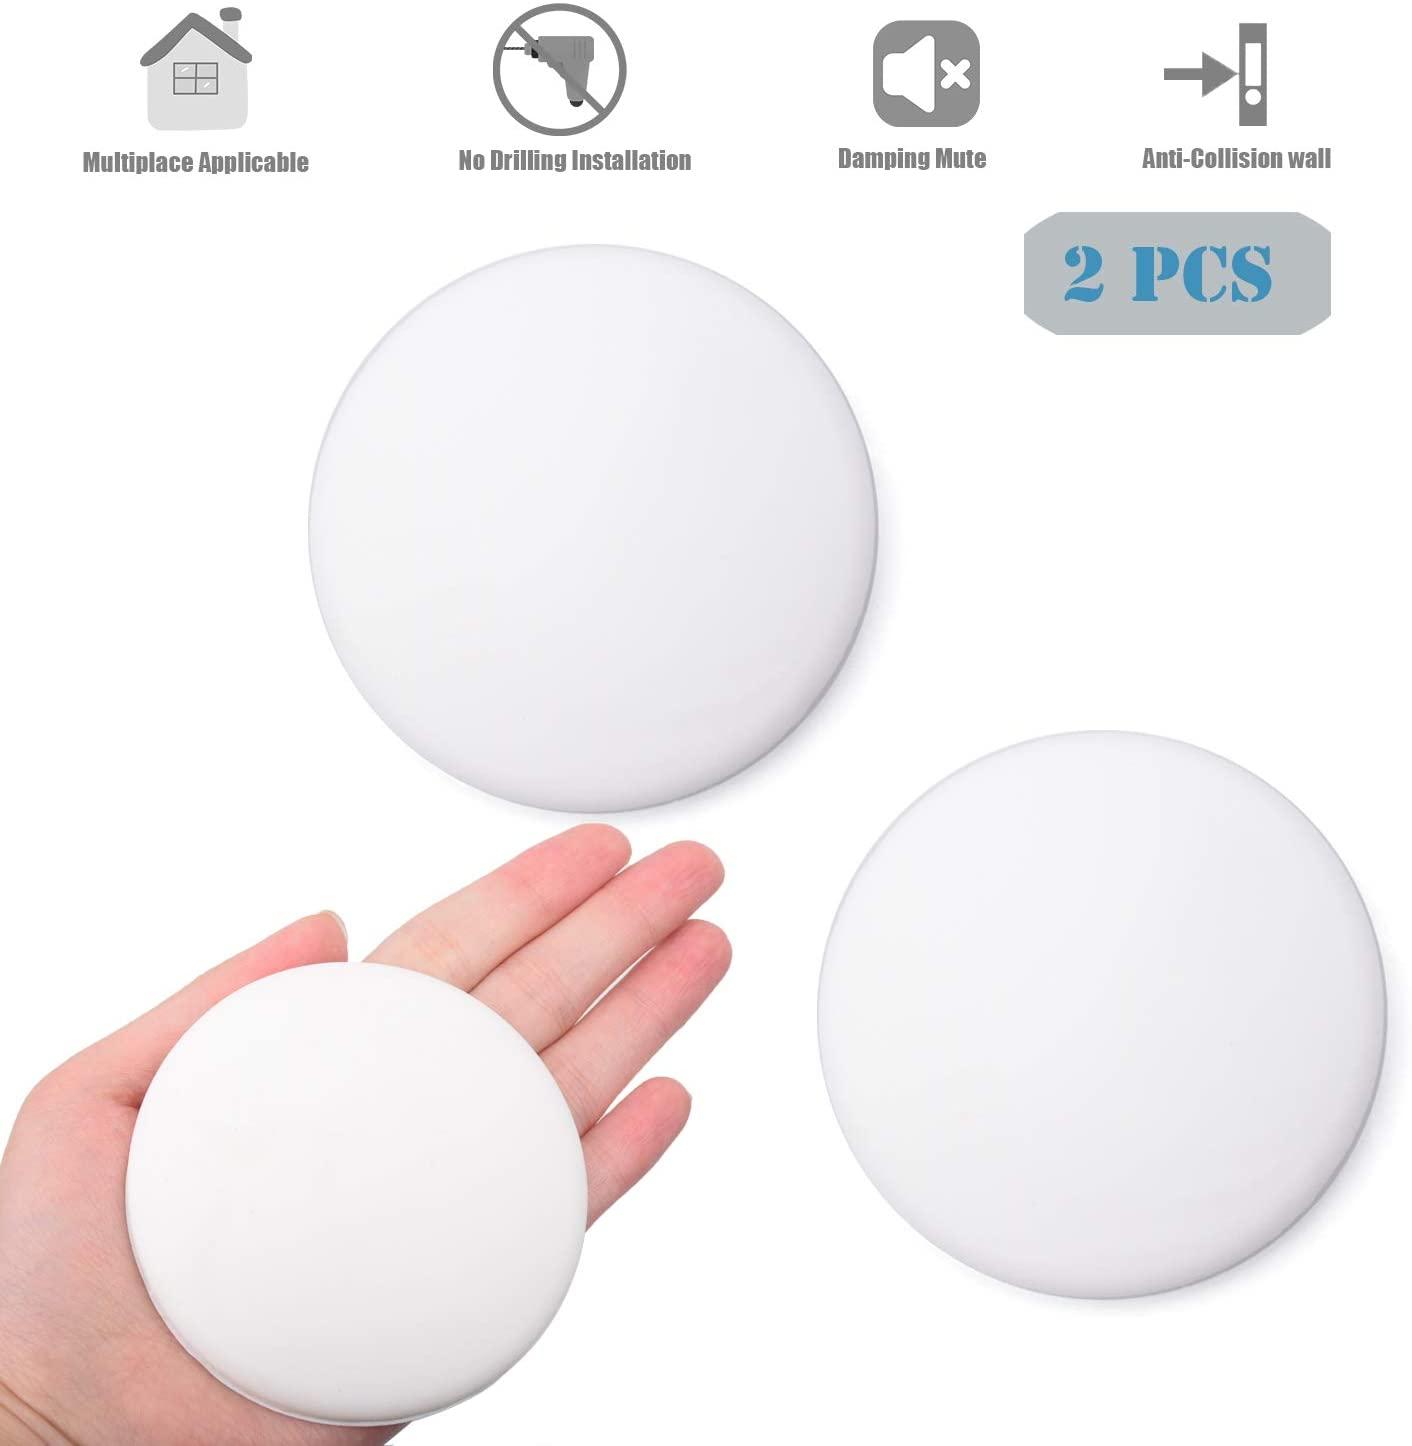 HOMOTEK Door Stopper Wall Protector, 2 PCS 3.15 inch Rubber Door knob Wall Shield Round self Adhesive Door Stops